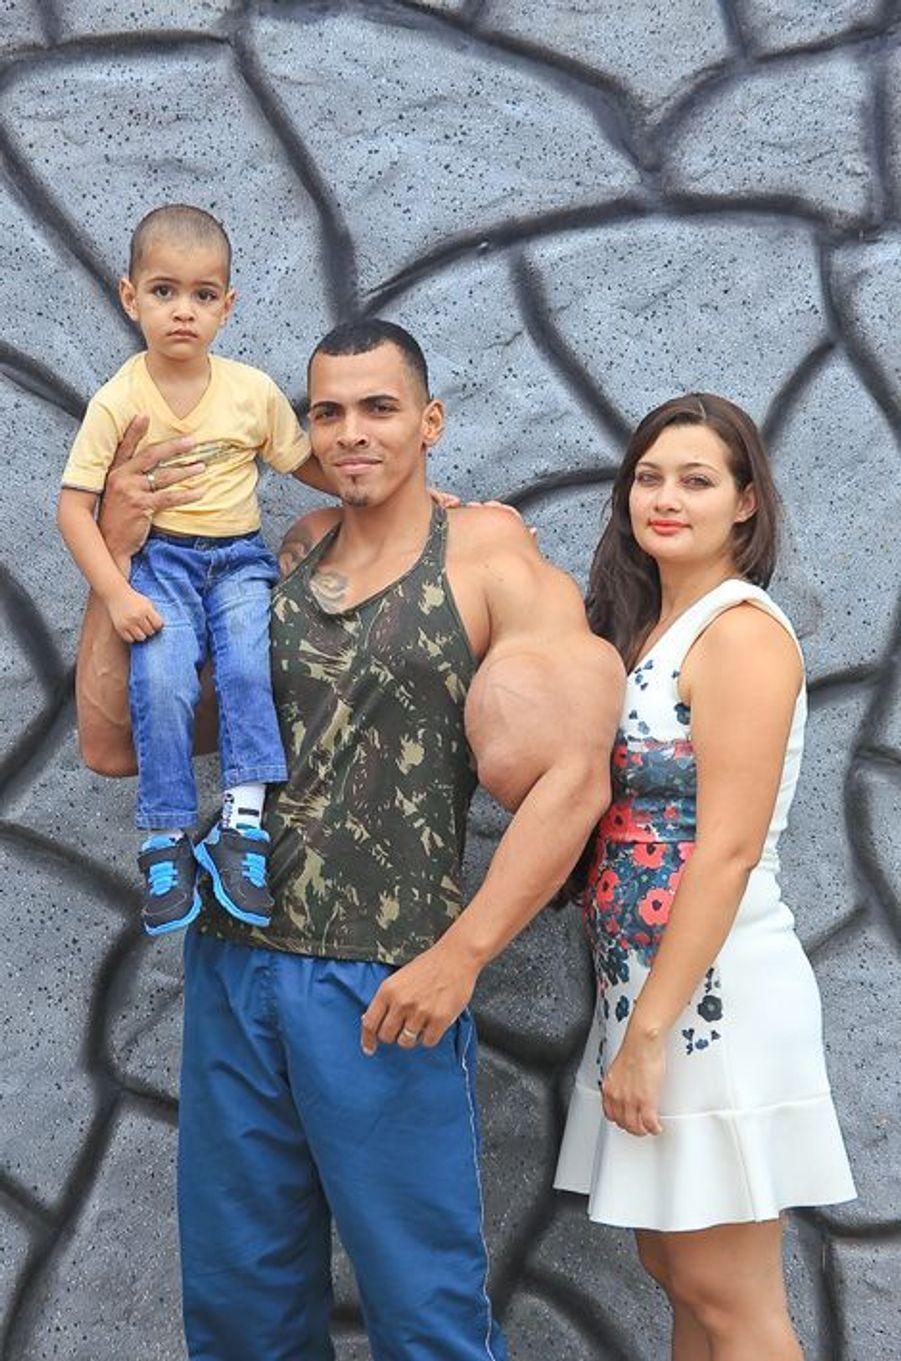 Romario voulait ressembler à Hulk